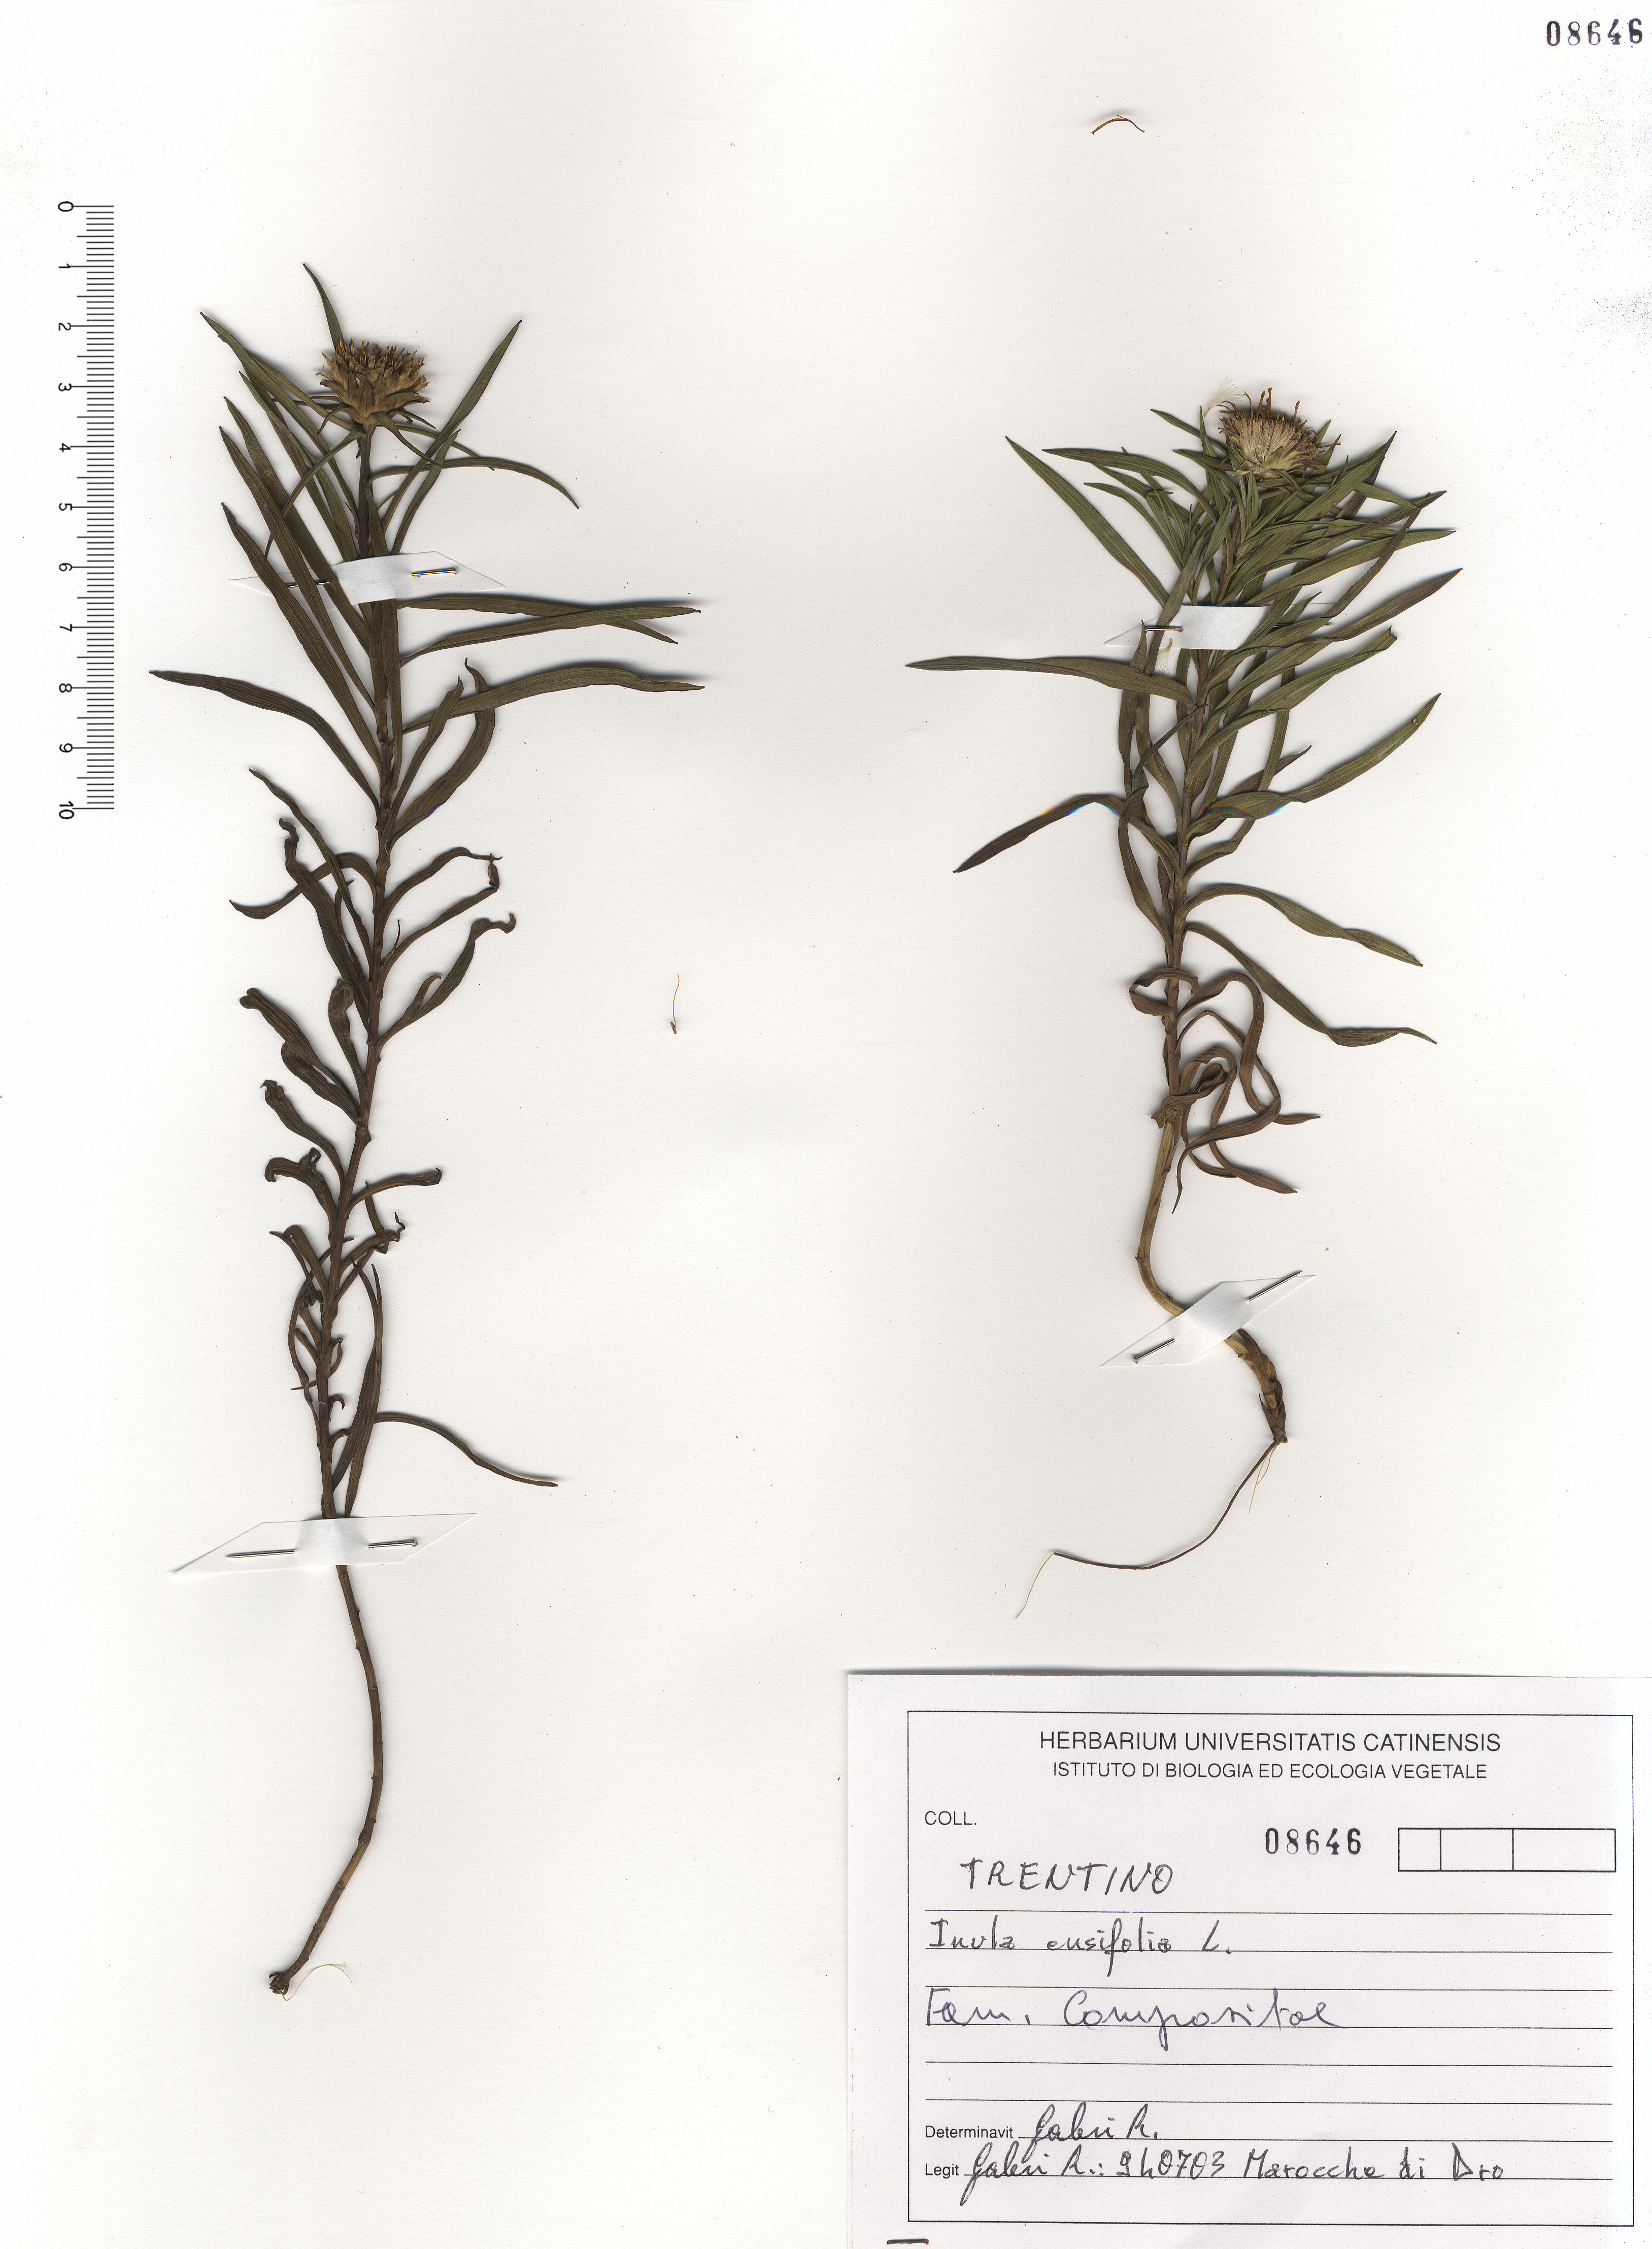 © Hortus Botanicus Catinensis - Herb. sheet 108646<br>